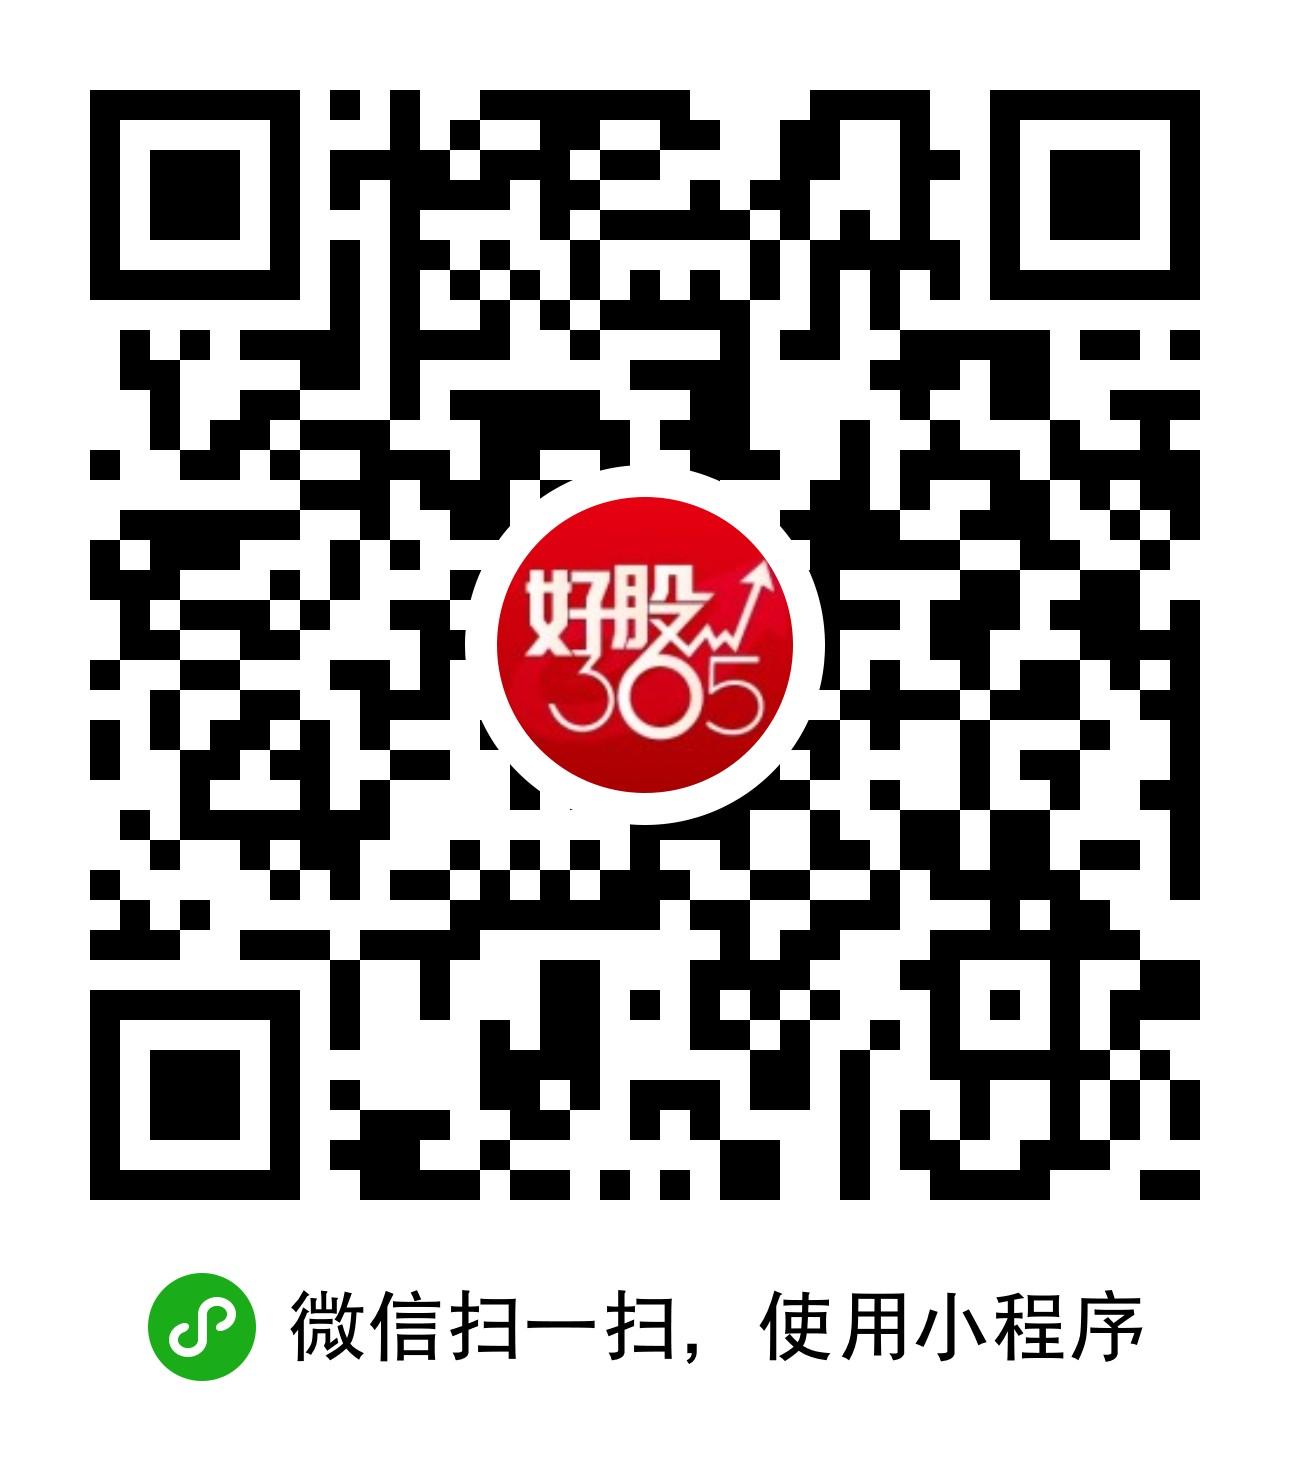 益盟好股365-微信小程序二维码